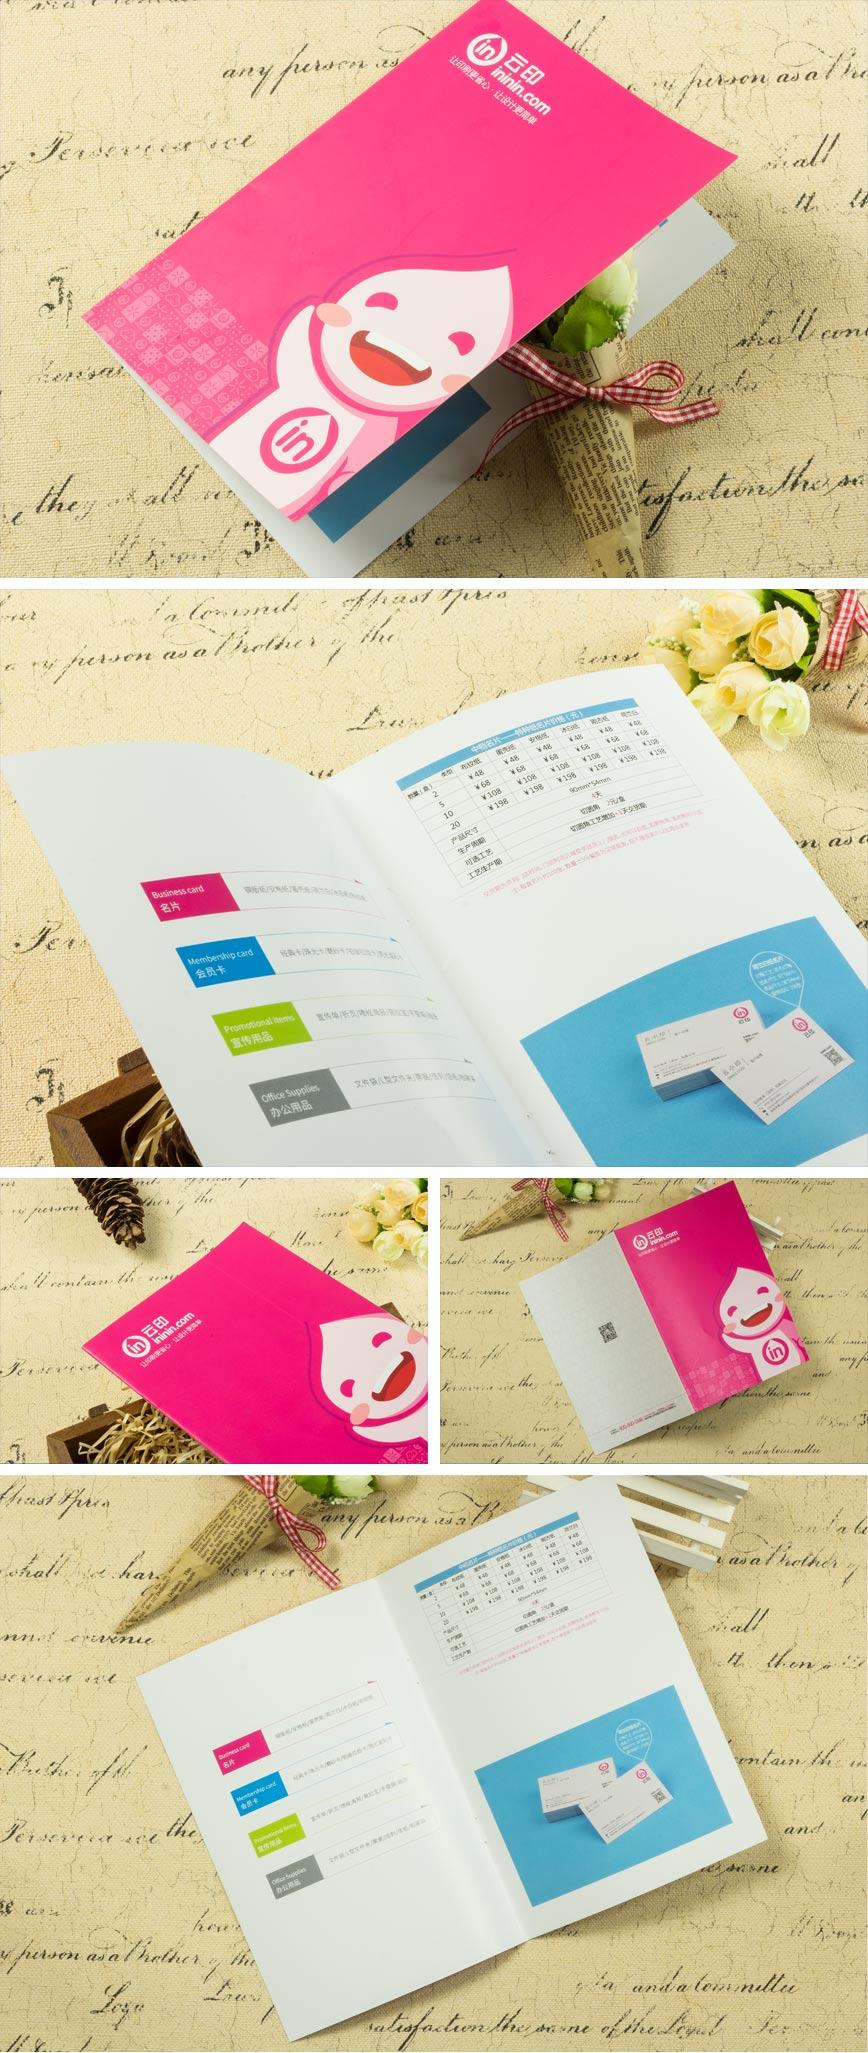 二折页宣传单样品展示,二折页宣传单局部细节、颜色、款式展示。